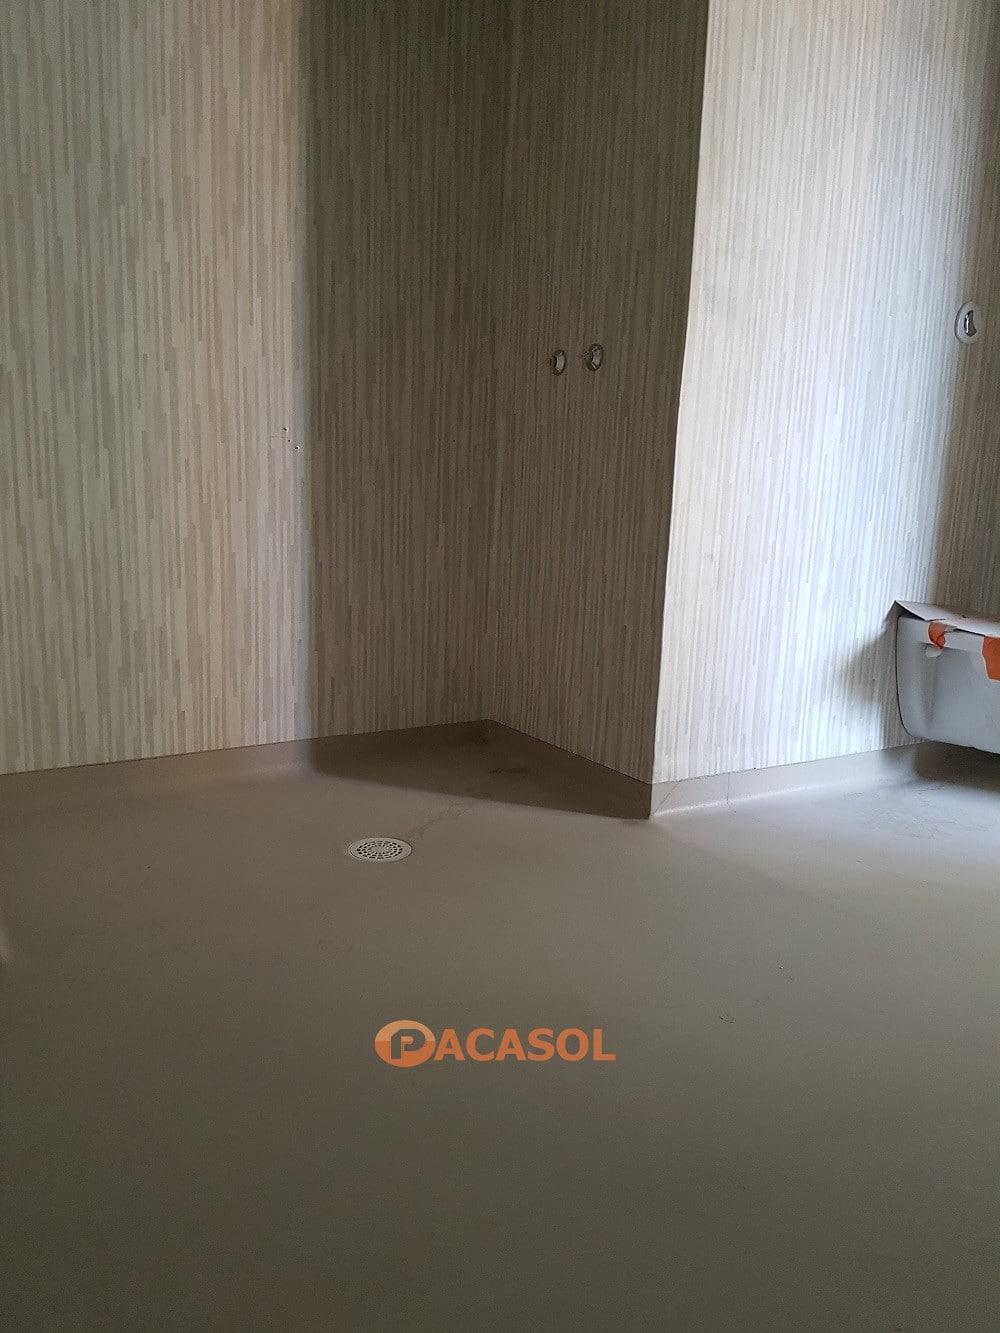 Système douche Gerflor dans l'hôpital Nord-Ouest de Tarare - Pacasol